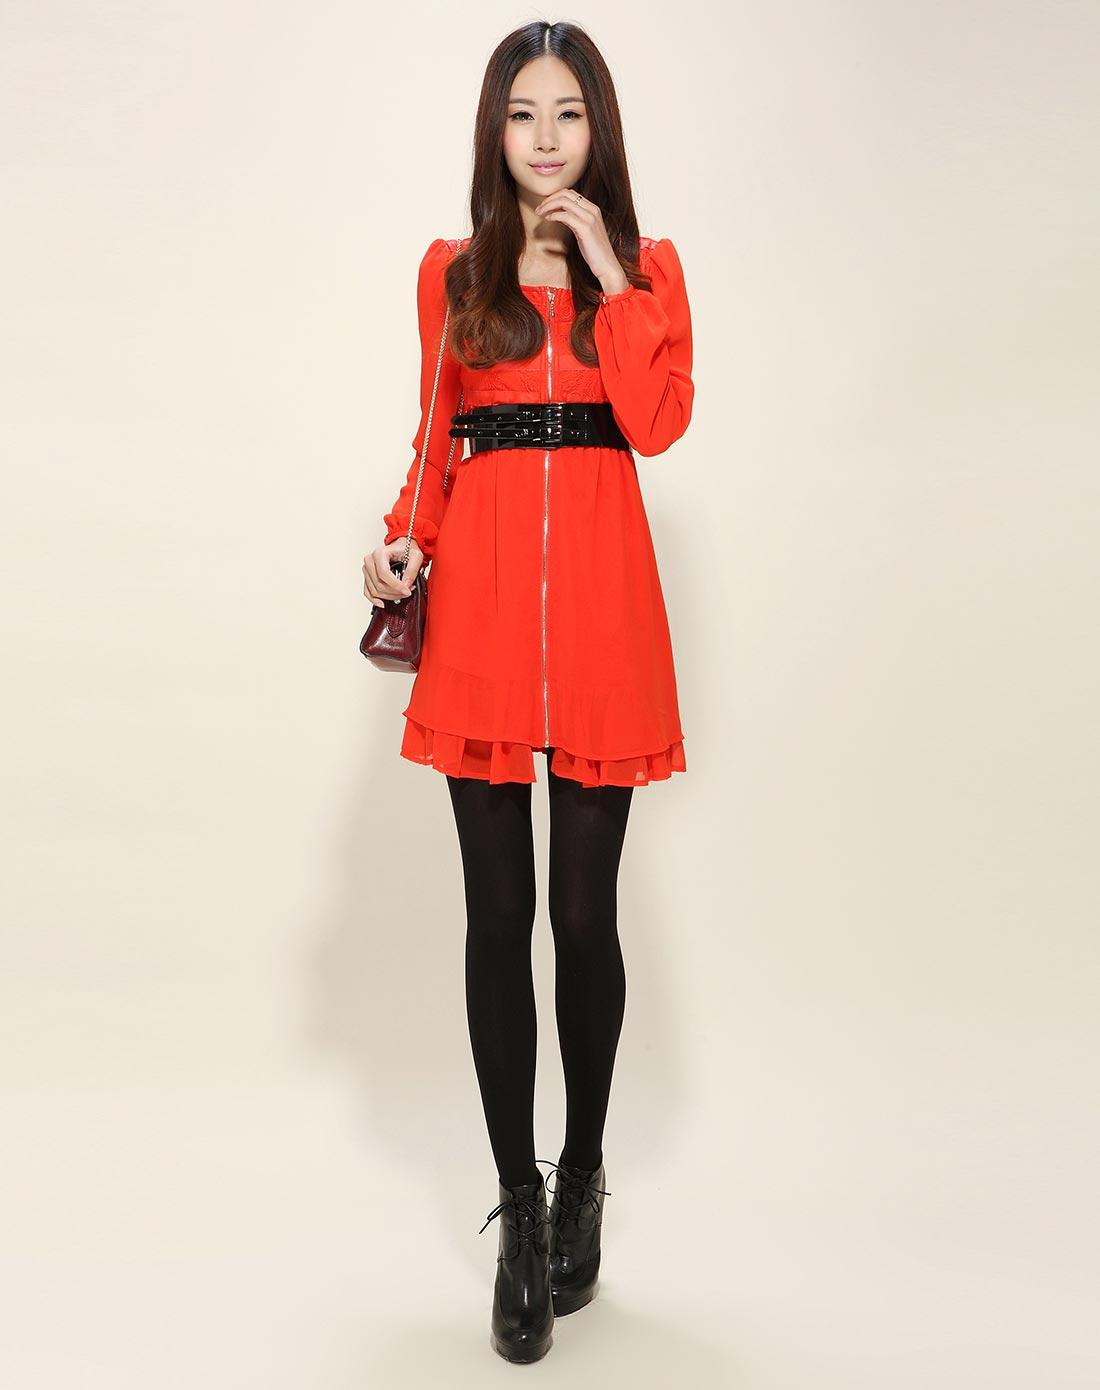 优雅拼蕾丝桔红色气质长袖连衣裙